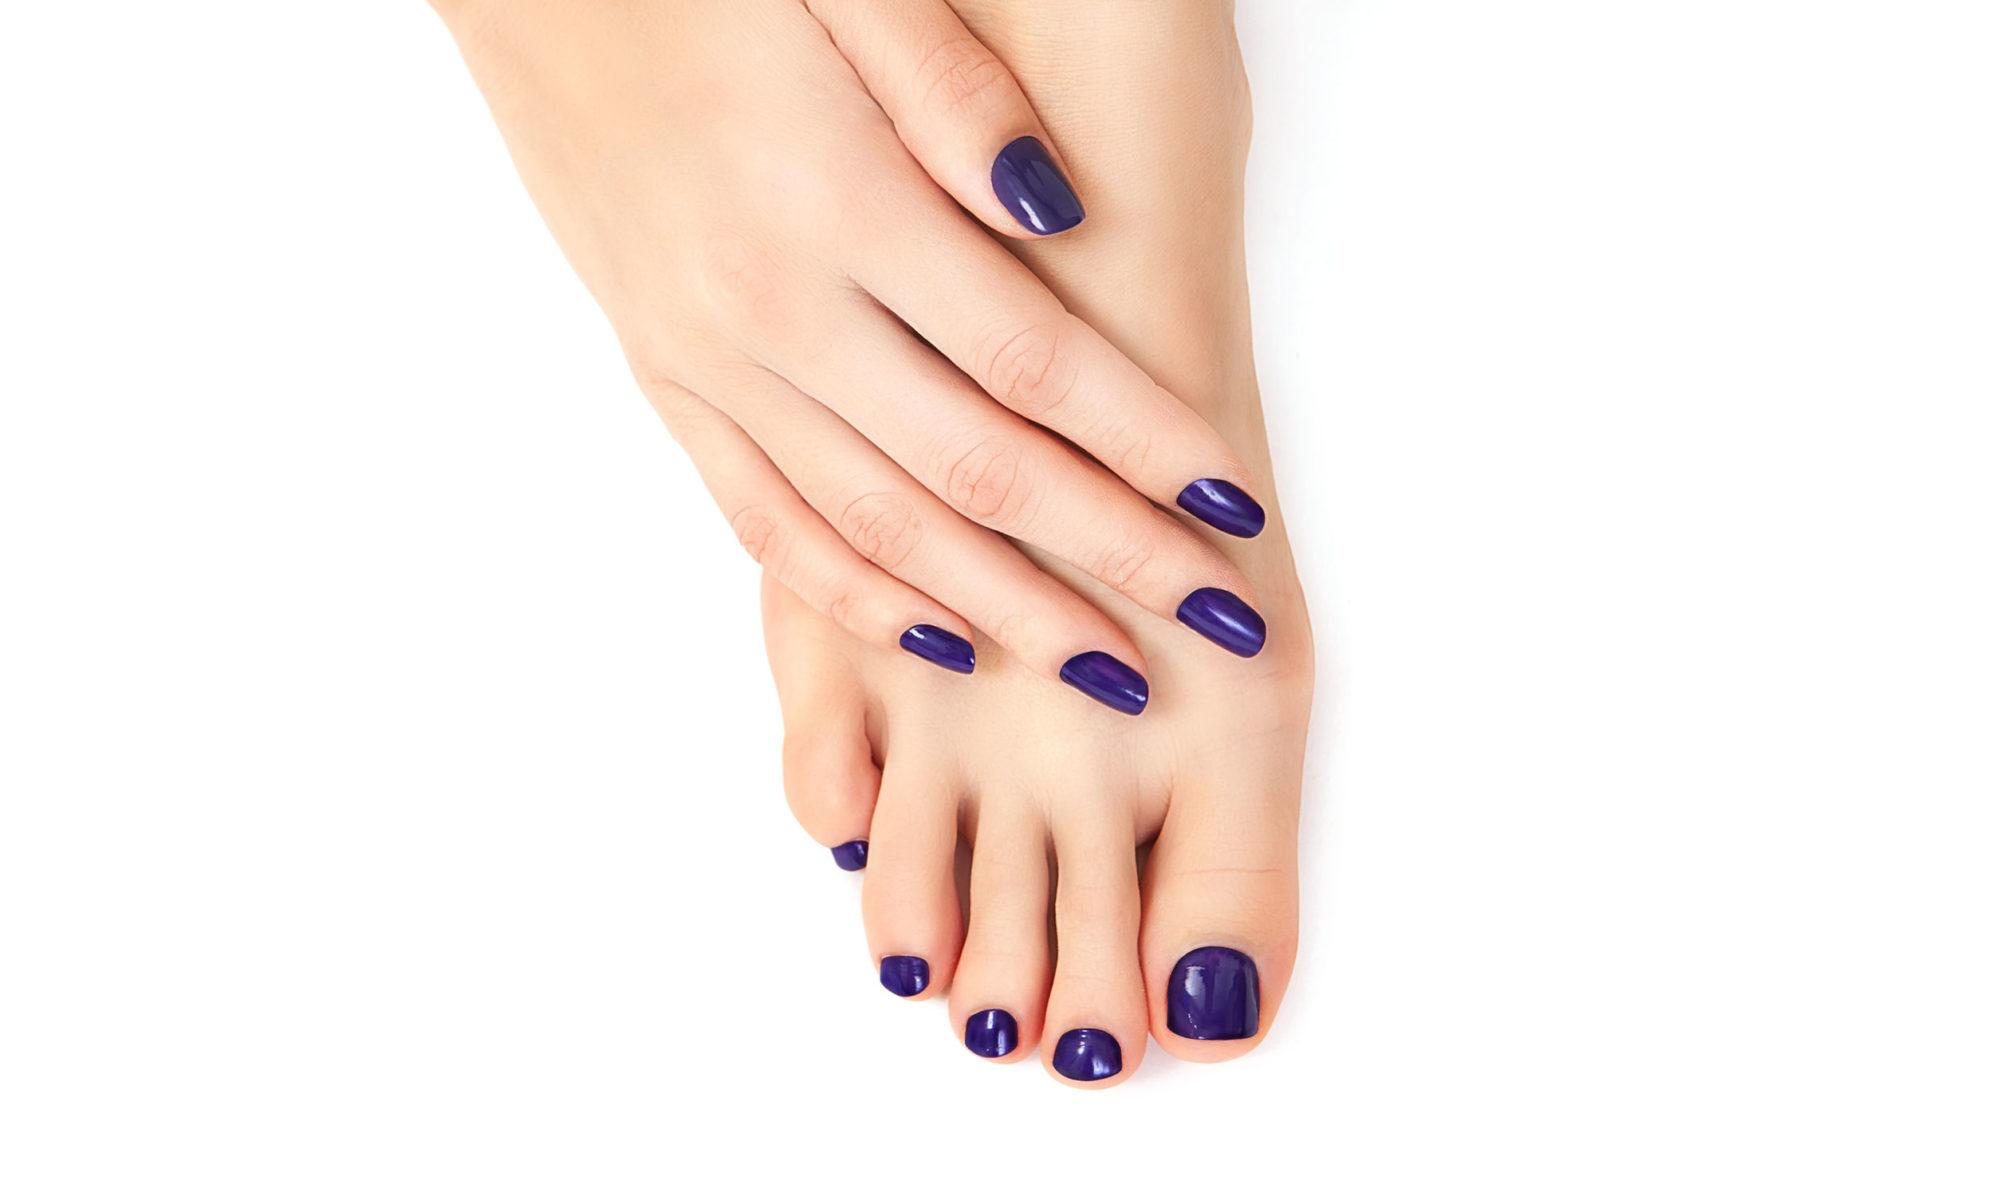 Schönere Hände und Füße werden durch Maniküre- und Pediküre Anwendungen realisiert.